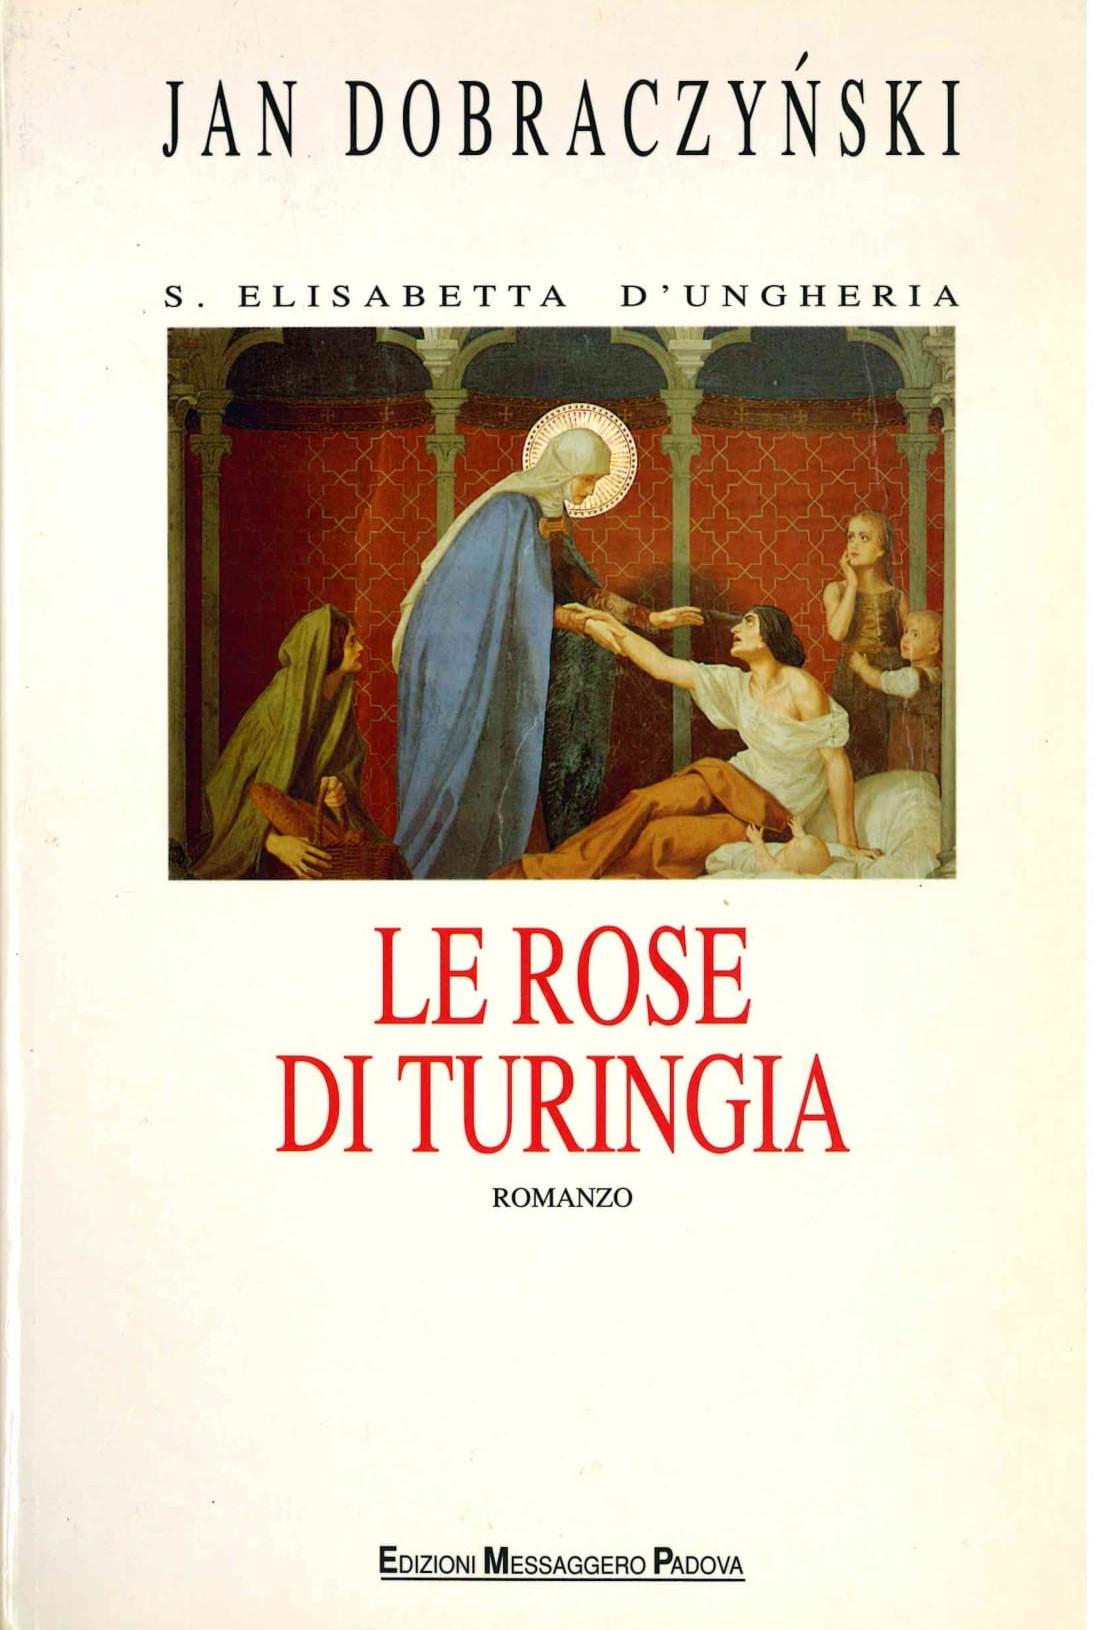 Le rose di Turingia. Elisabetta d'Ungheria